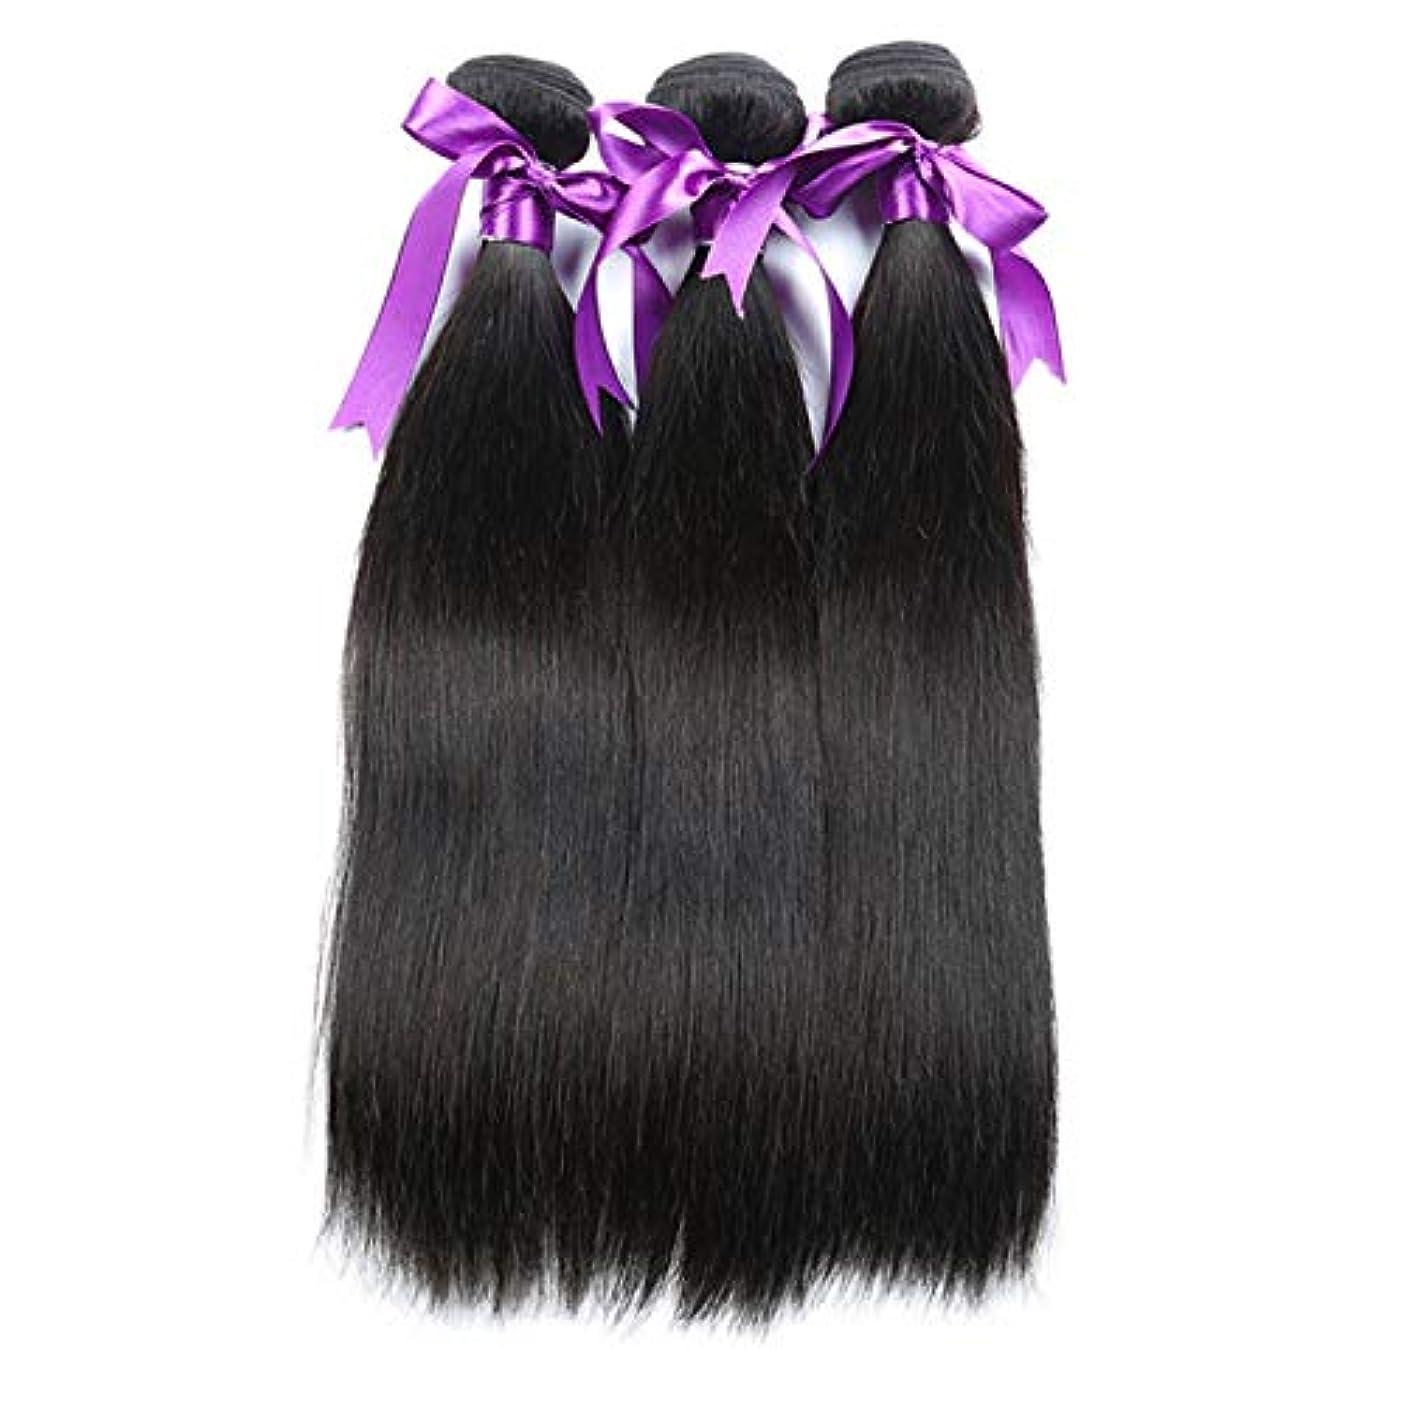 ビタミン獣練習した髪ペルーストレートヘア3個人毛バンドル非Remyヘアエクステンション8-28インチ (Length : 12 14 14)